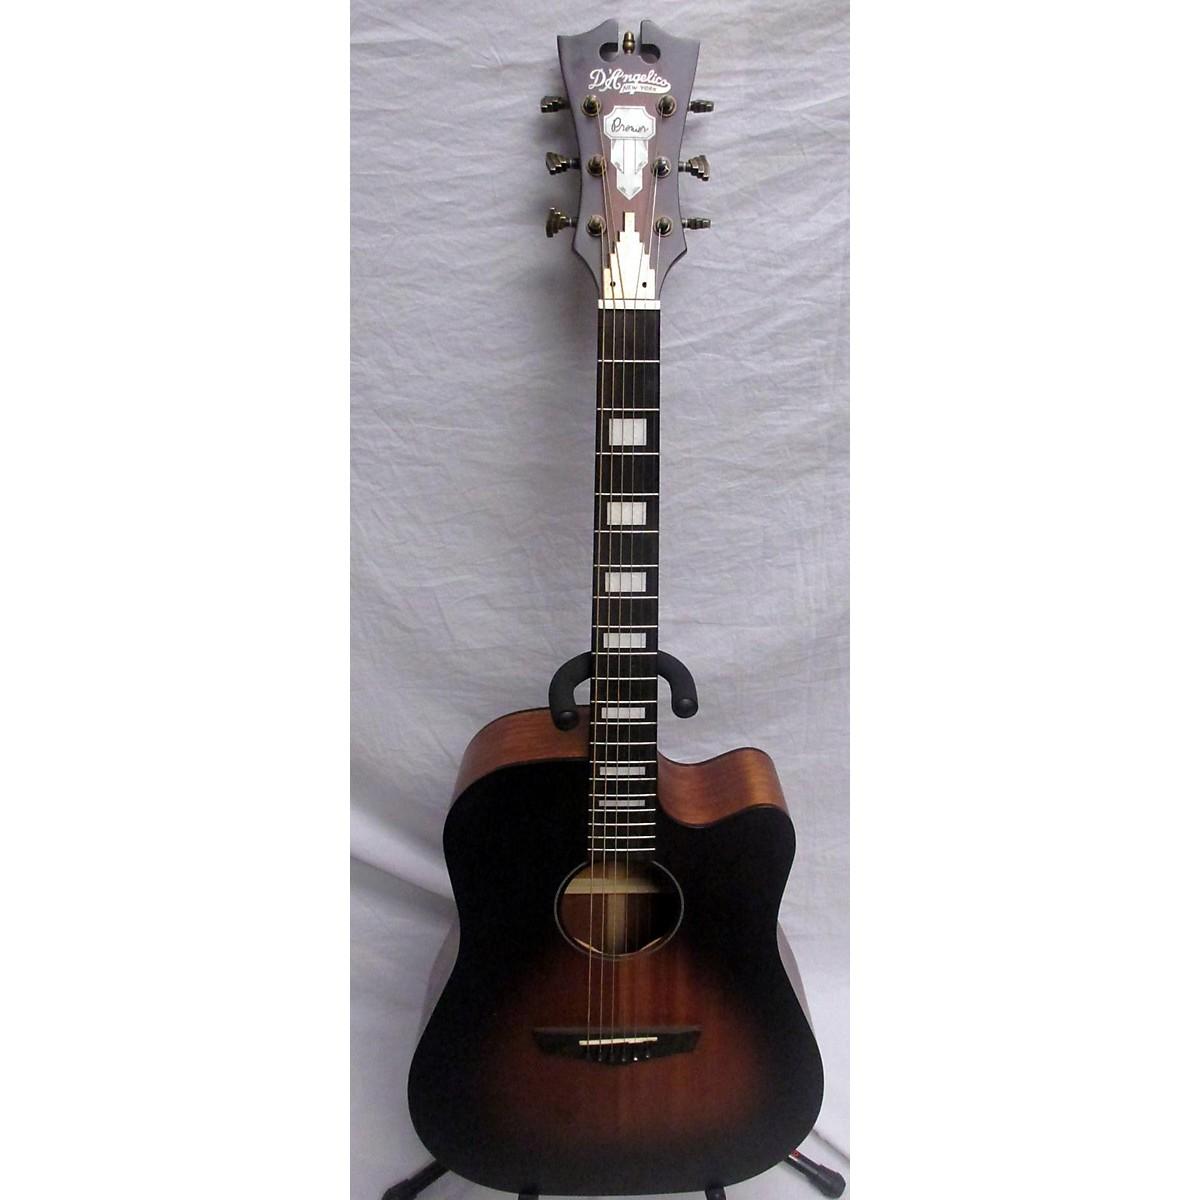 D'Angelico Premier Lafayette Acoustic Electric Guitar